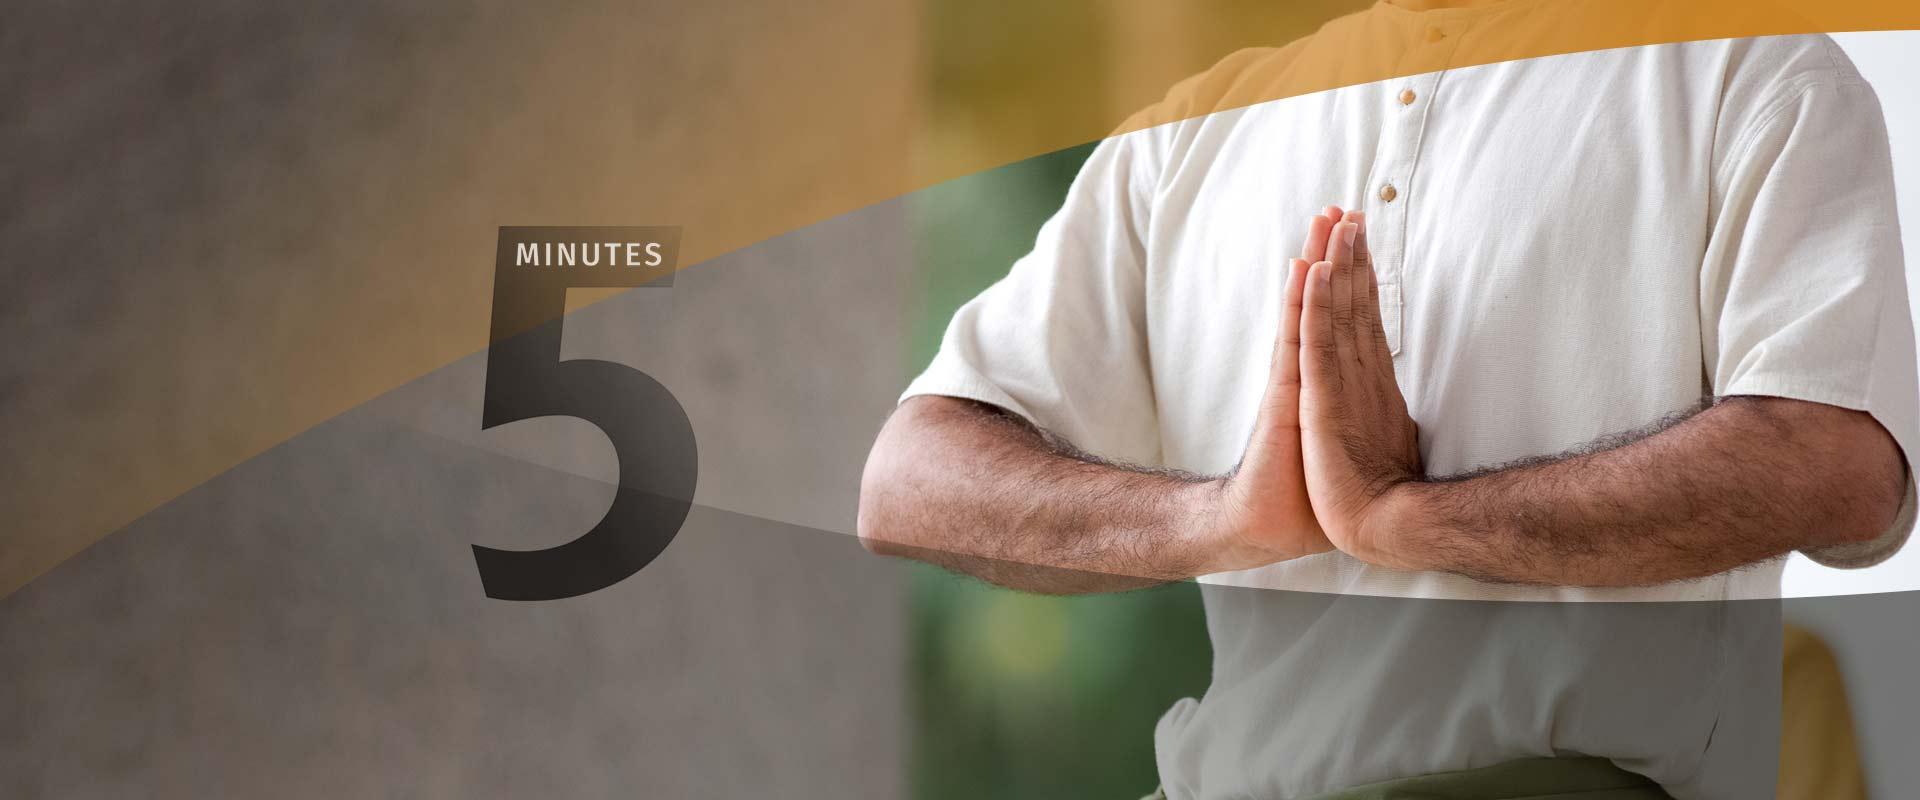 乌帕瑜伽——激活你的关节、肌肉和能量系统(国际瑜伽日免费课程)